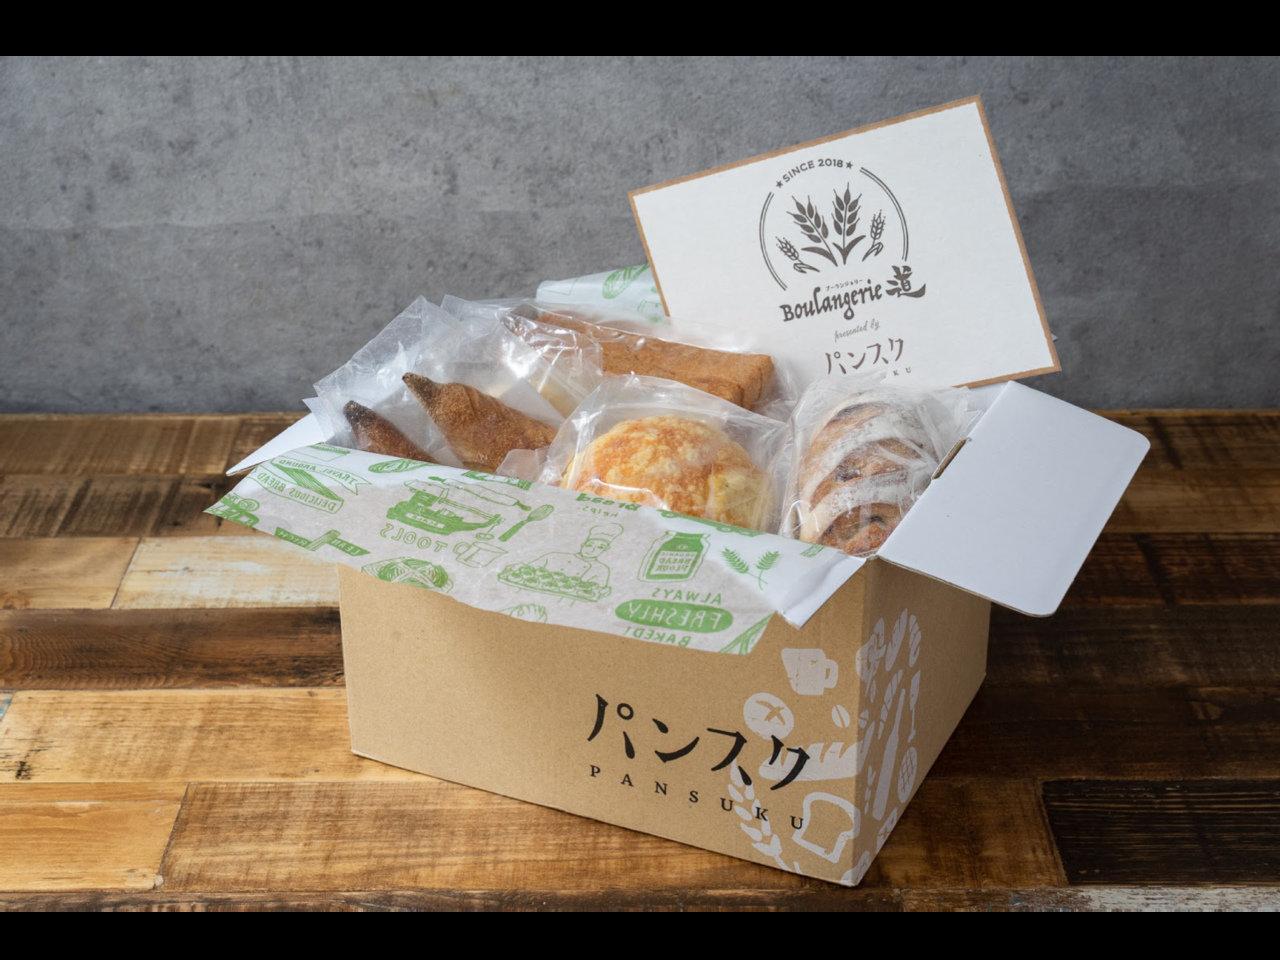 """緊急事態宣言で登録殺到!全国のパン屋さんから""""冷凍パン""""が自宅に届く定期便「パンスク」。"""